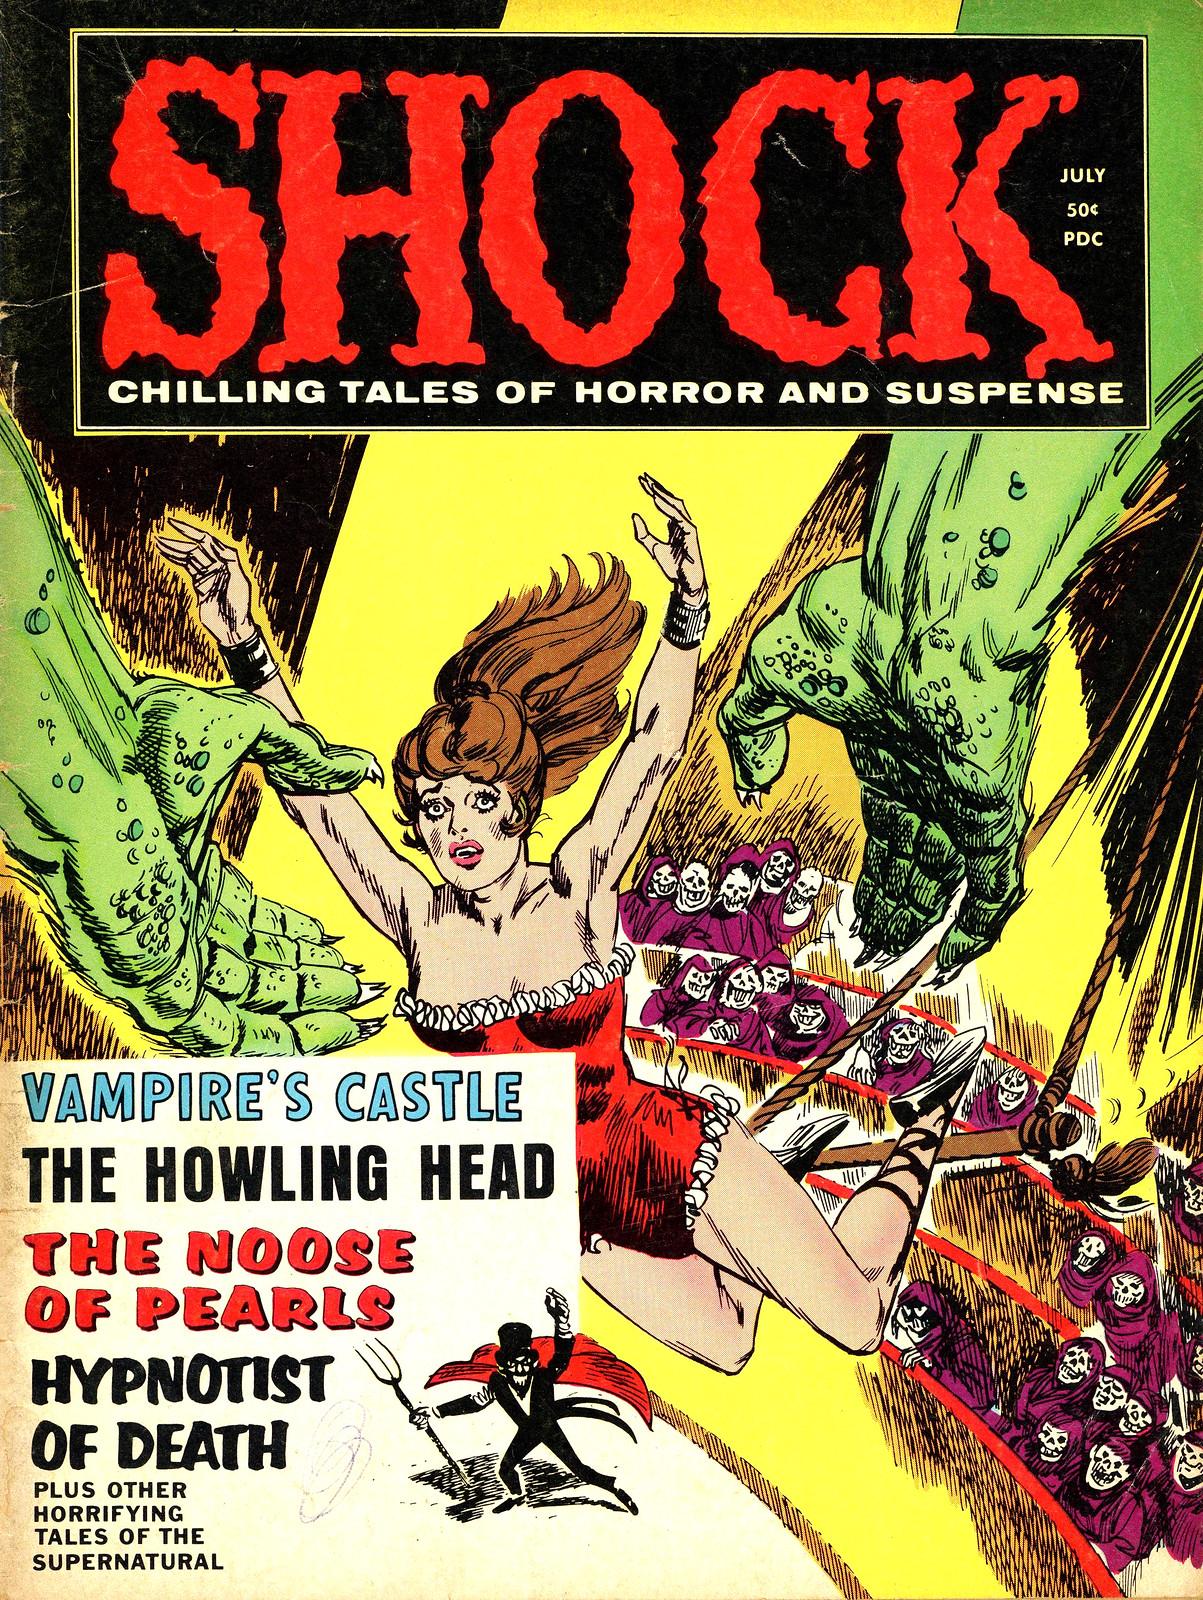 Shock - Volume 1, Issue 08, September 1970